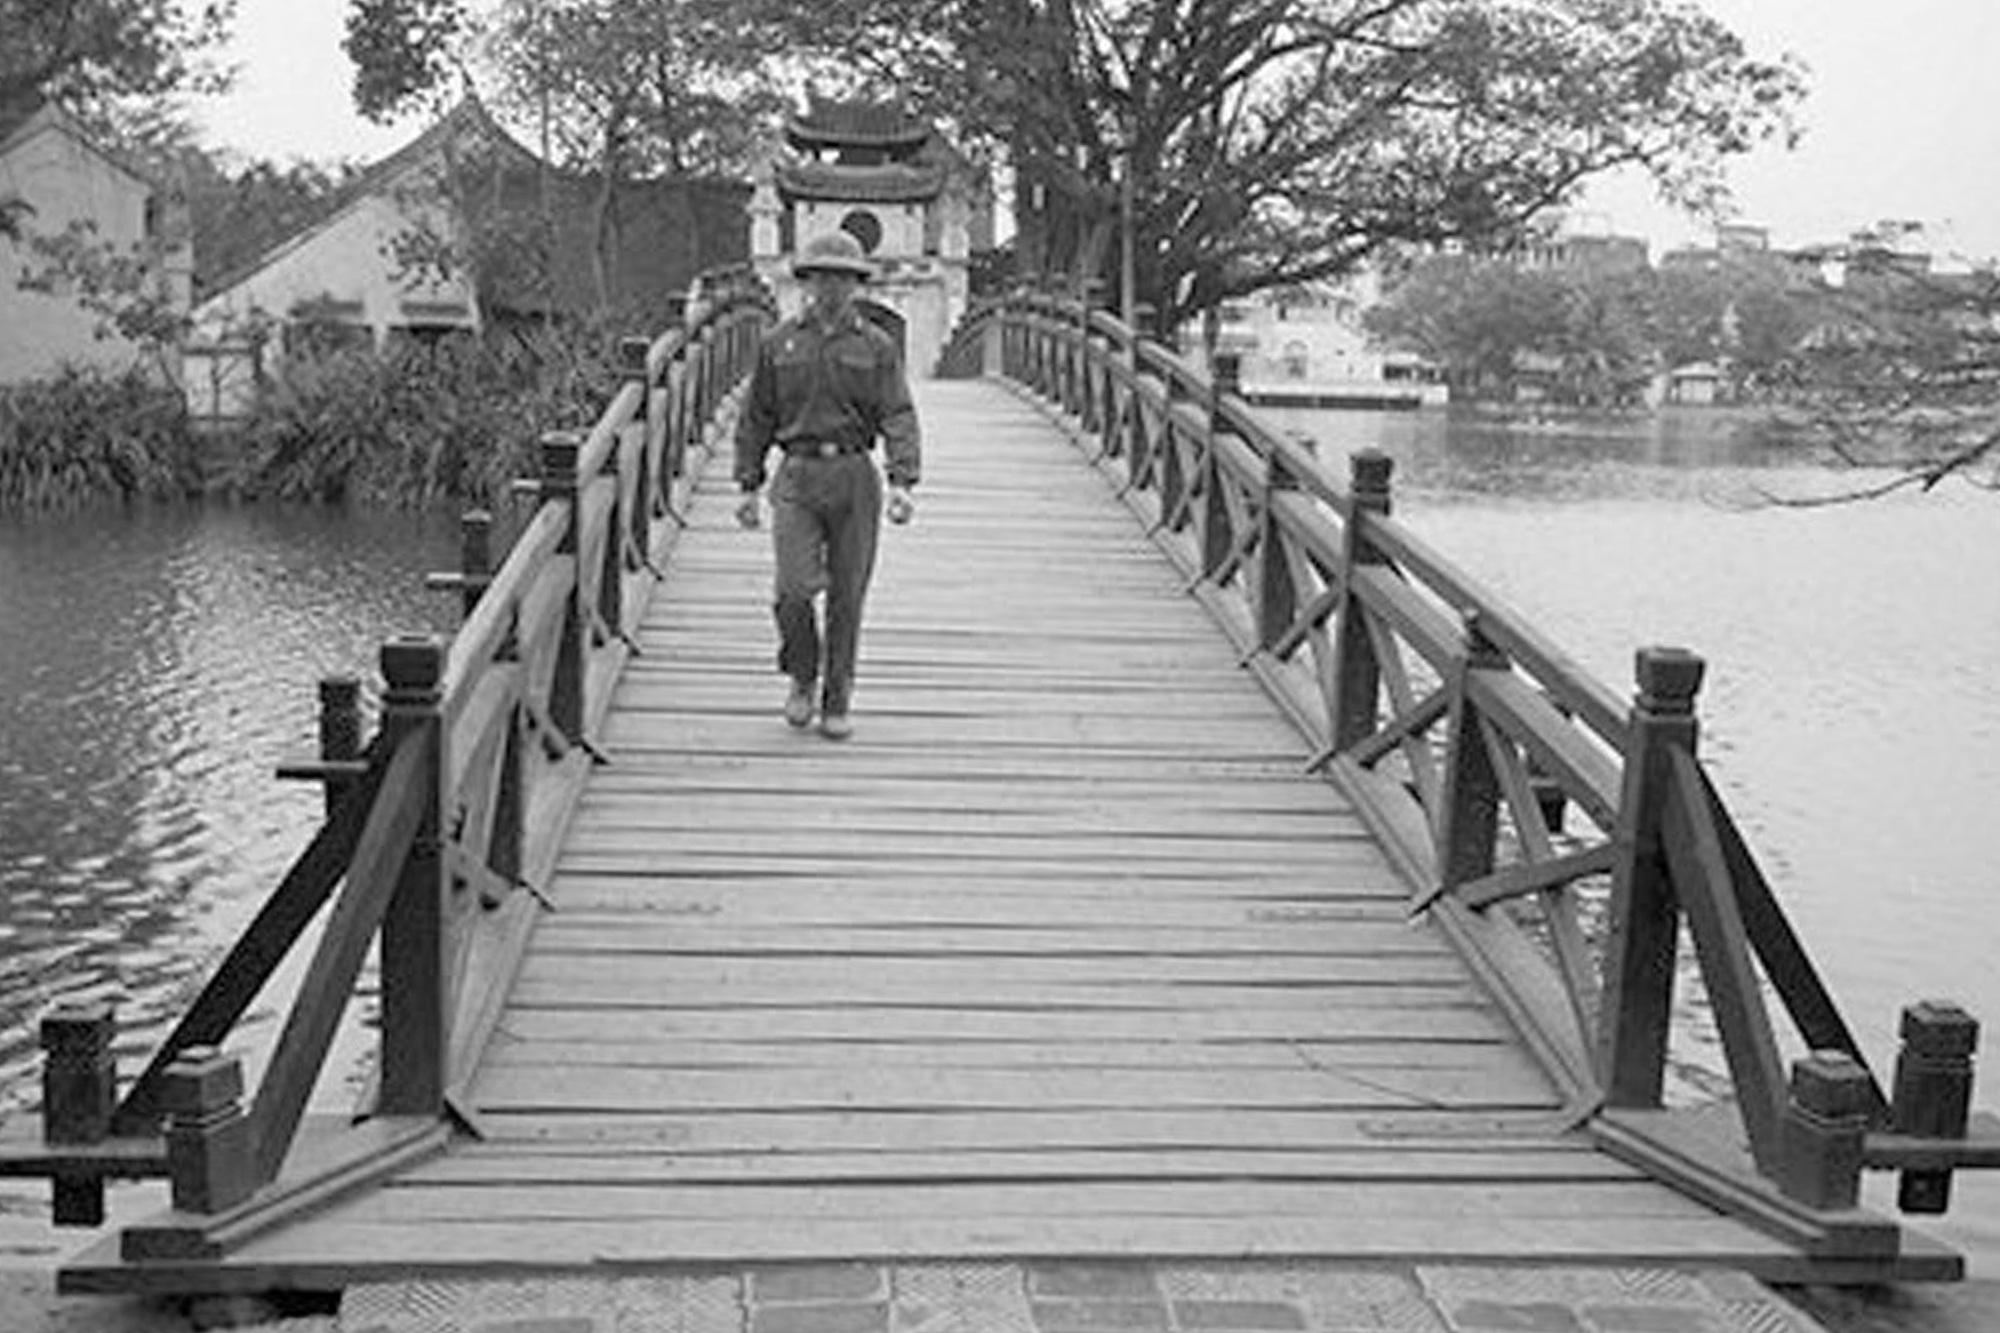 Hồ Gươm đối lập sau nửa thế kỷ qua ảnh tư liệu của phóng viên AP - 1